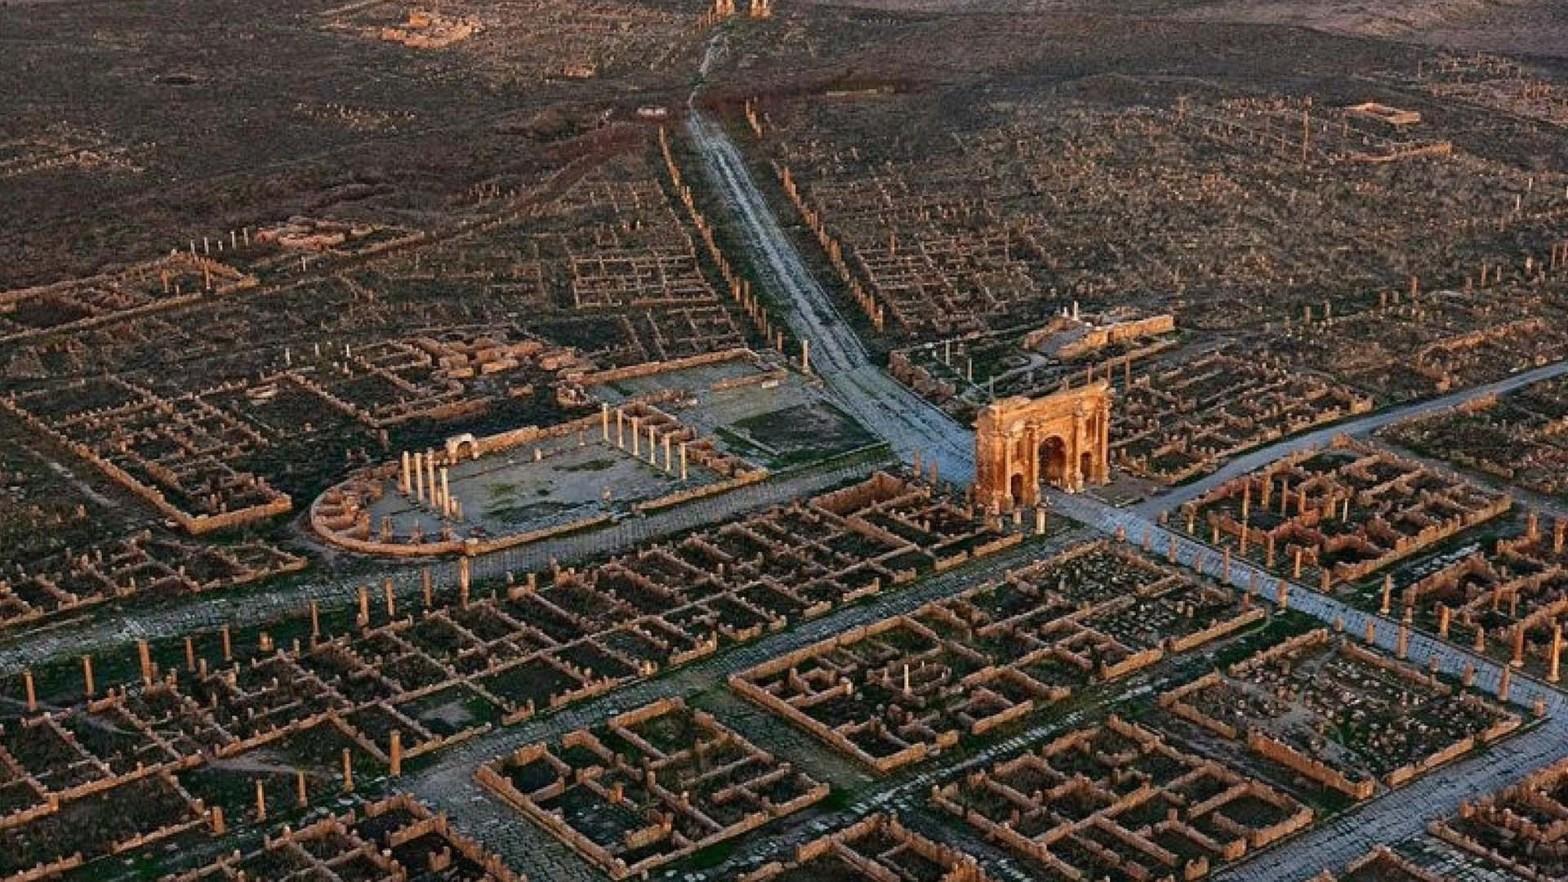 La città romana di Timgad in Algeria